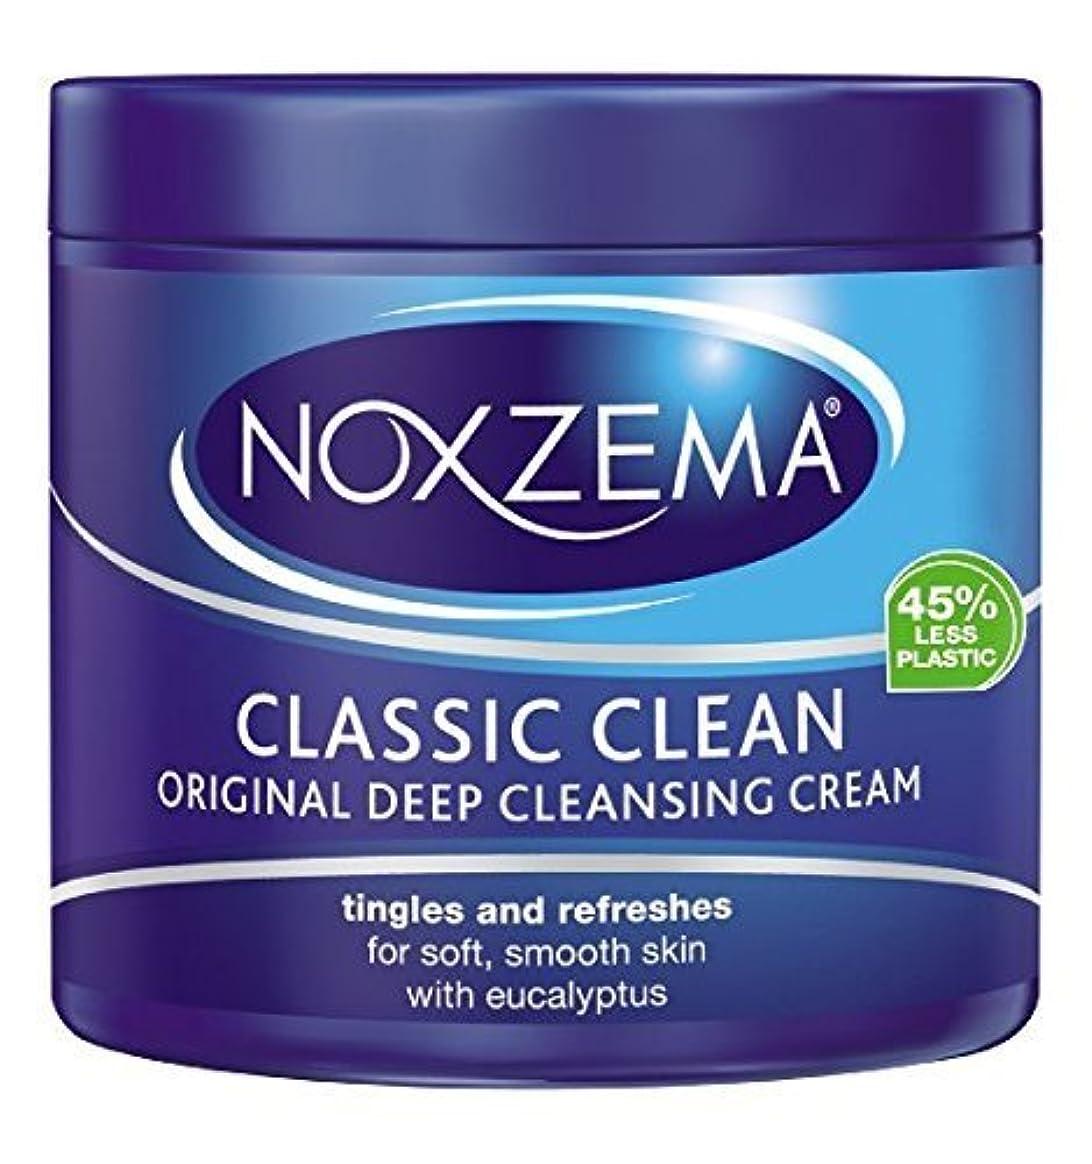 不愉快に引退する意味するNOXZEMA ノグゼマ ディープ クレンジング クリーム 340g [並行輸入品]